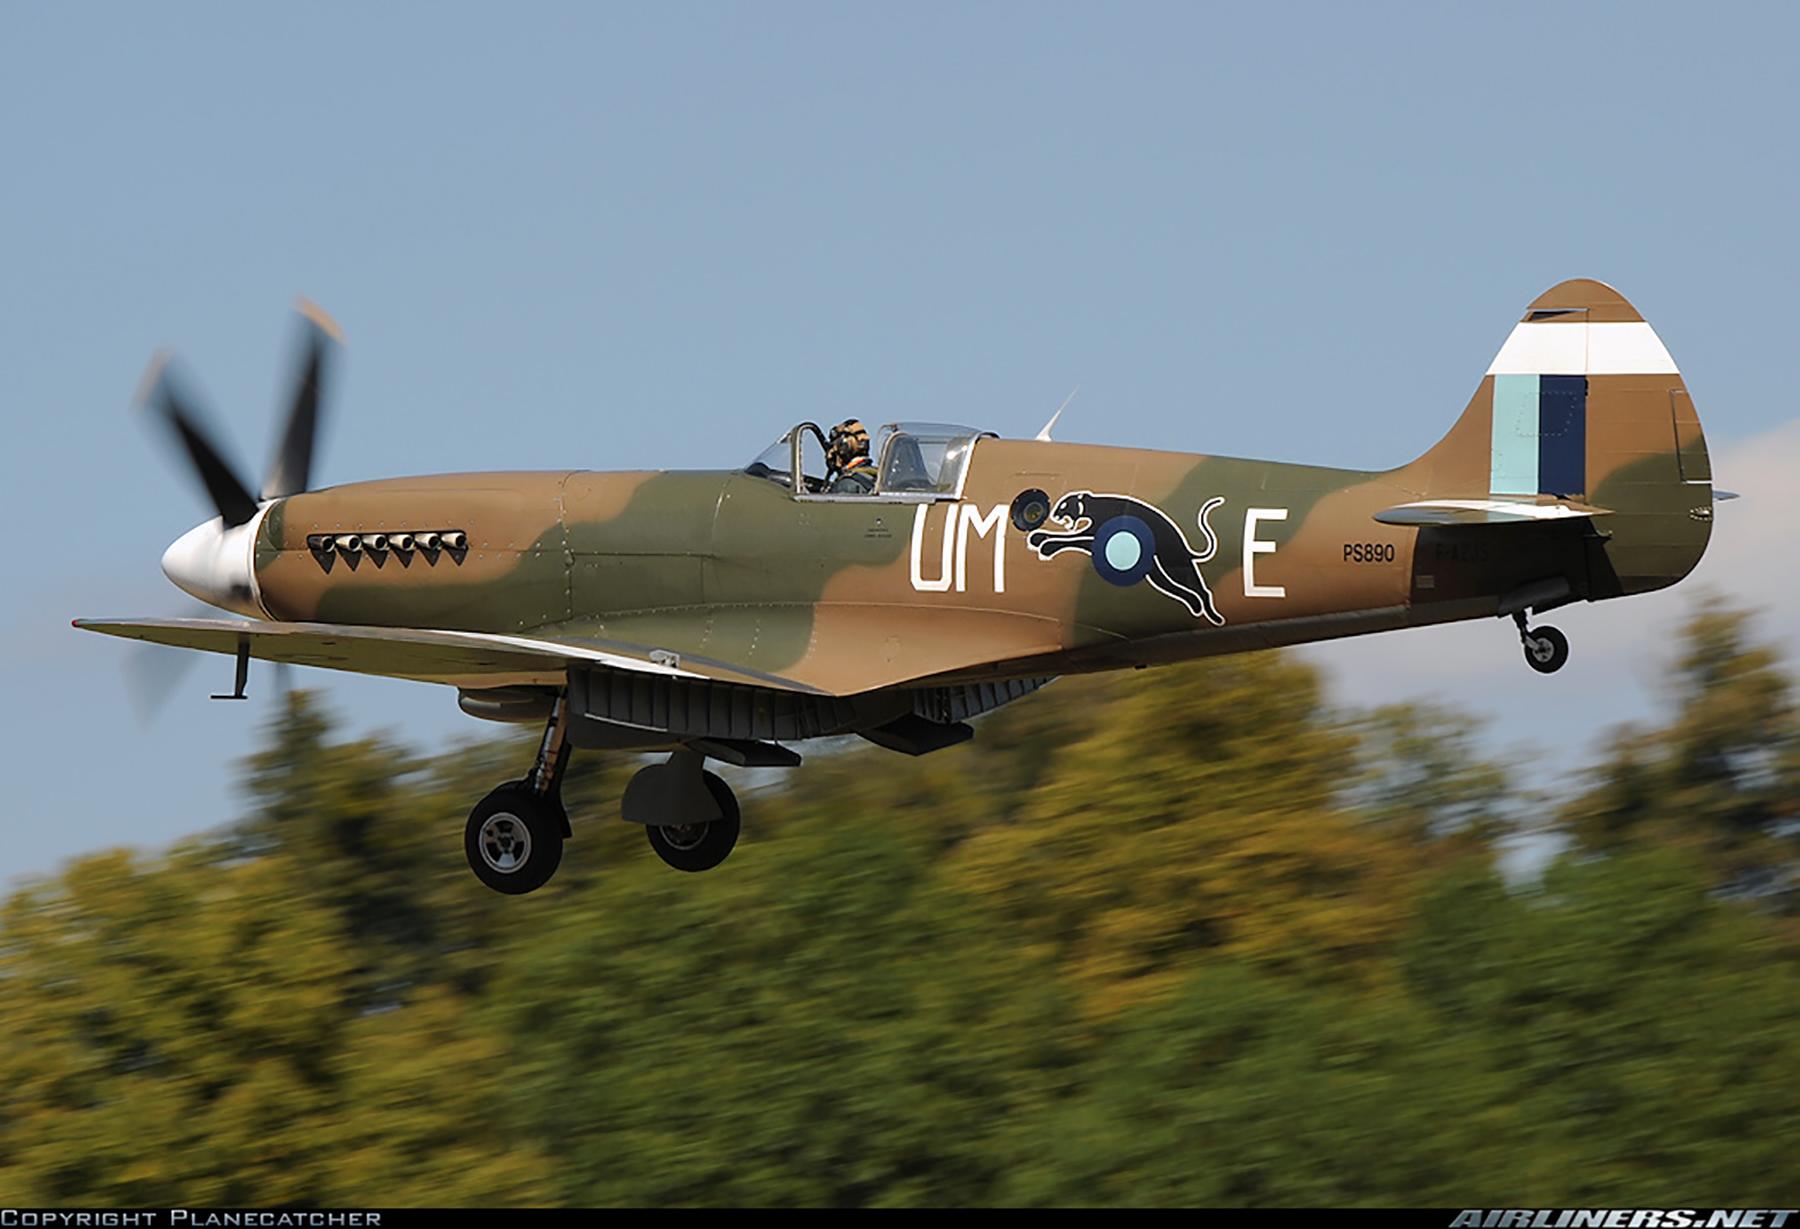 Airworthy Spitfire warbird PR19 PS890 as RAF 152Sqn UME 16